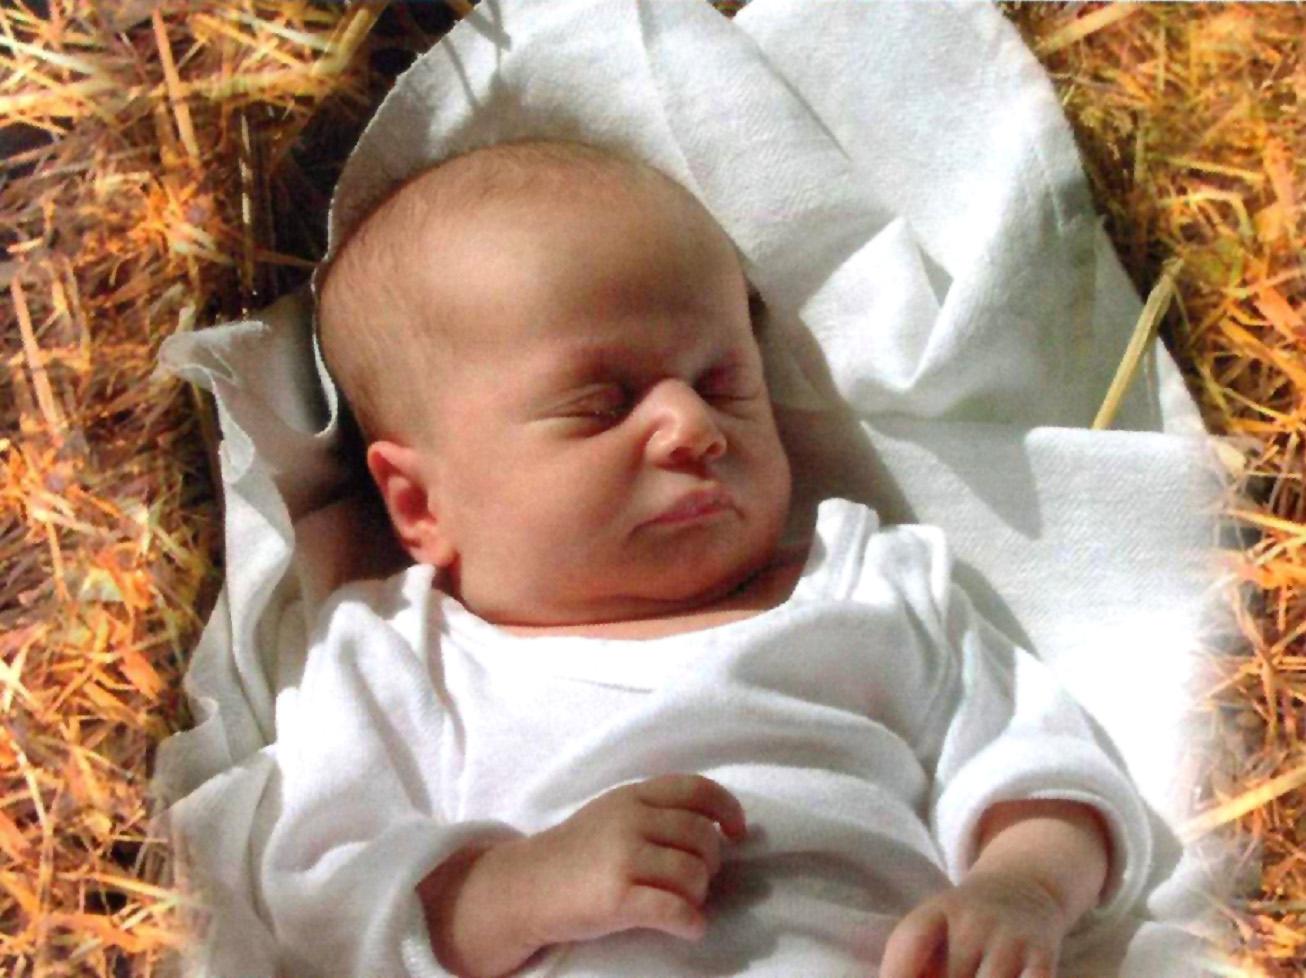 baby_jesus11